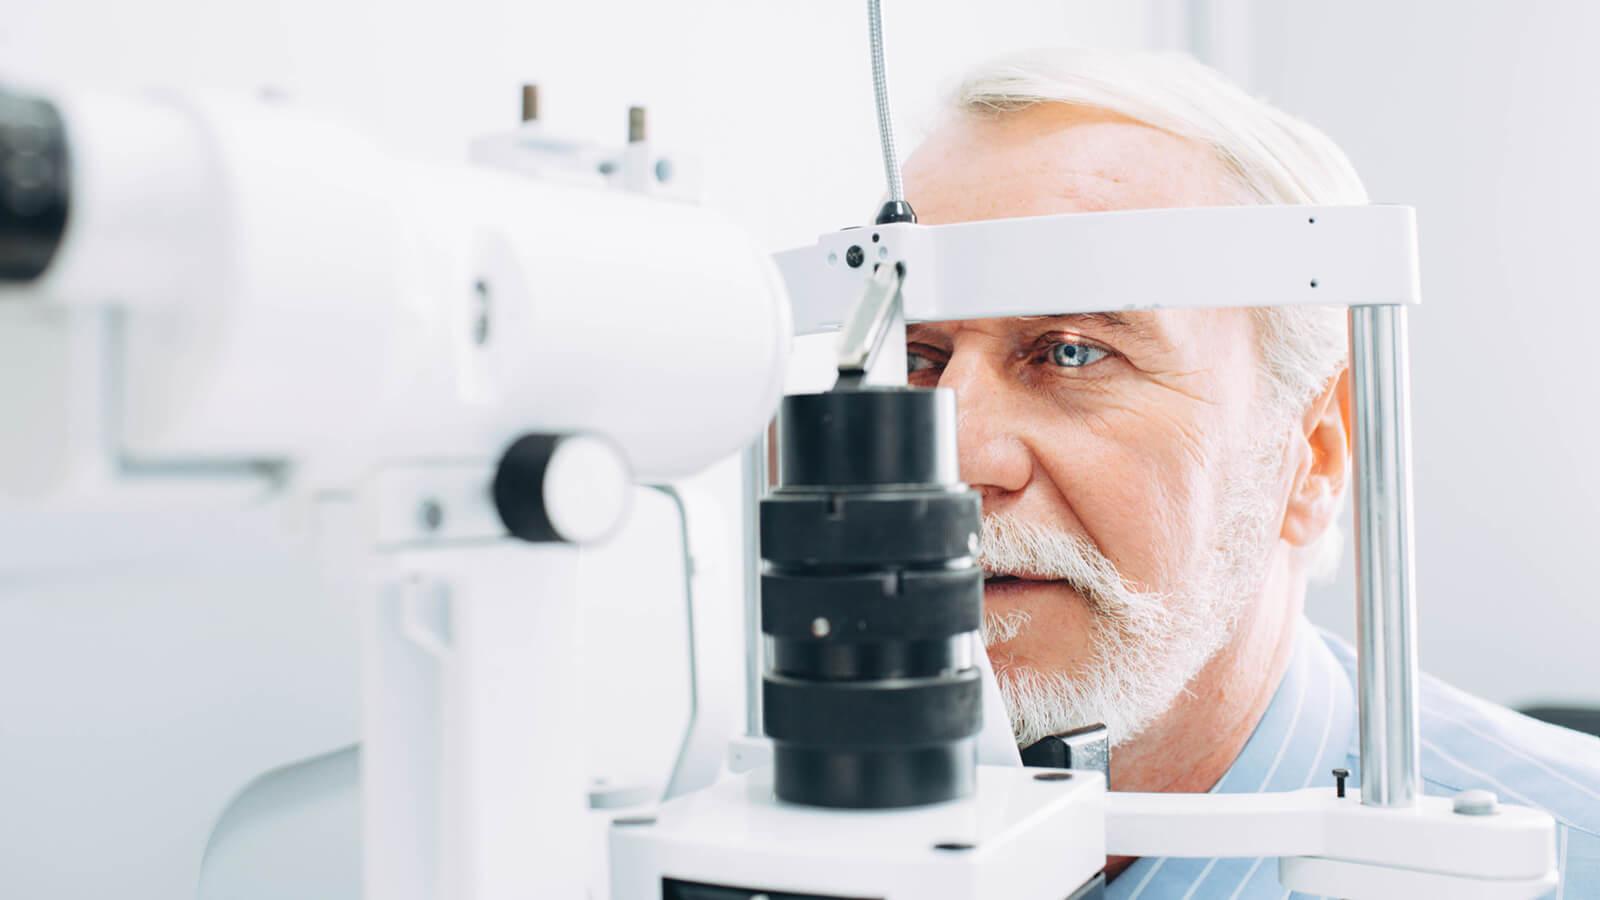 متخصص چشم شیراز